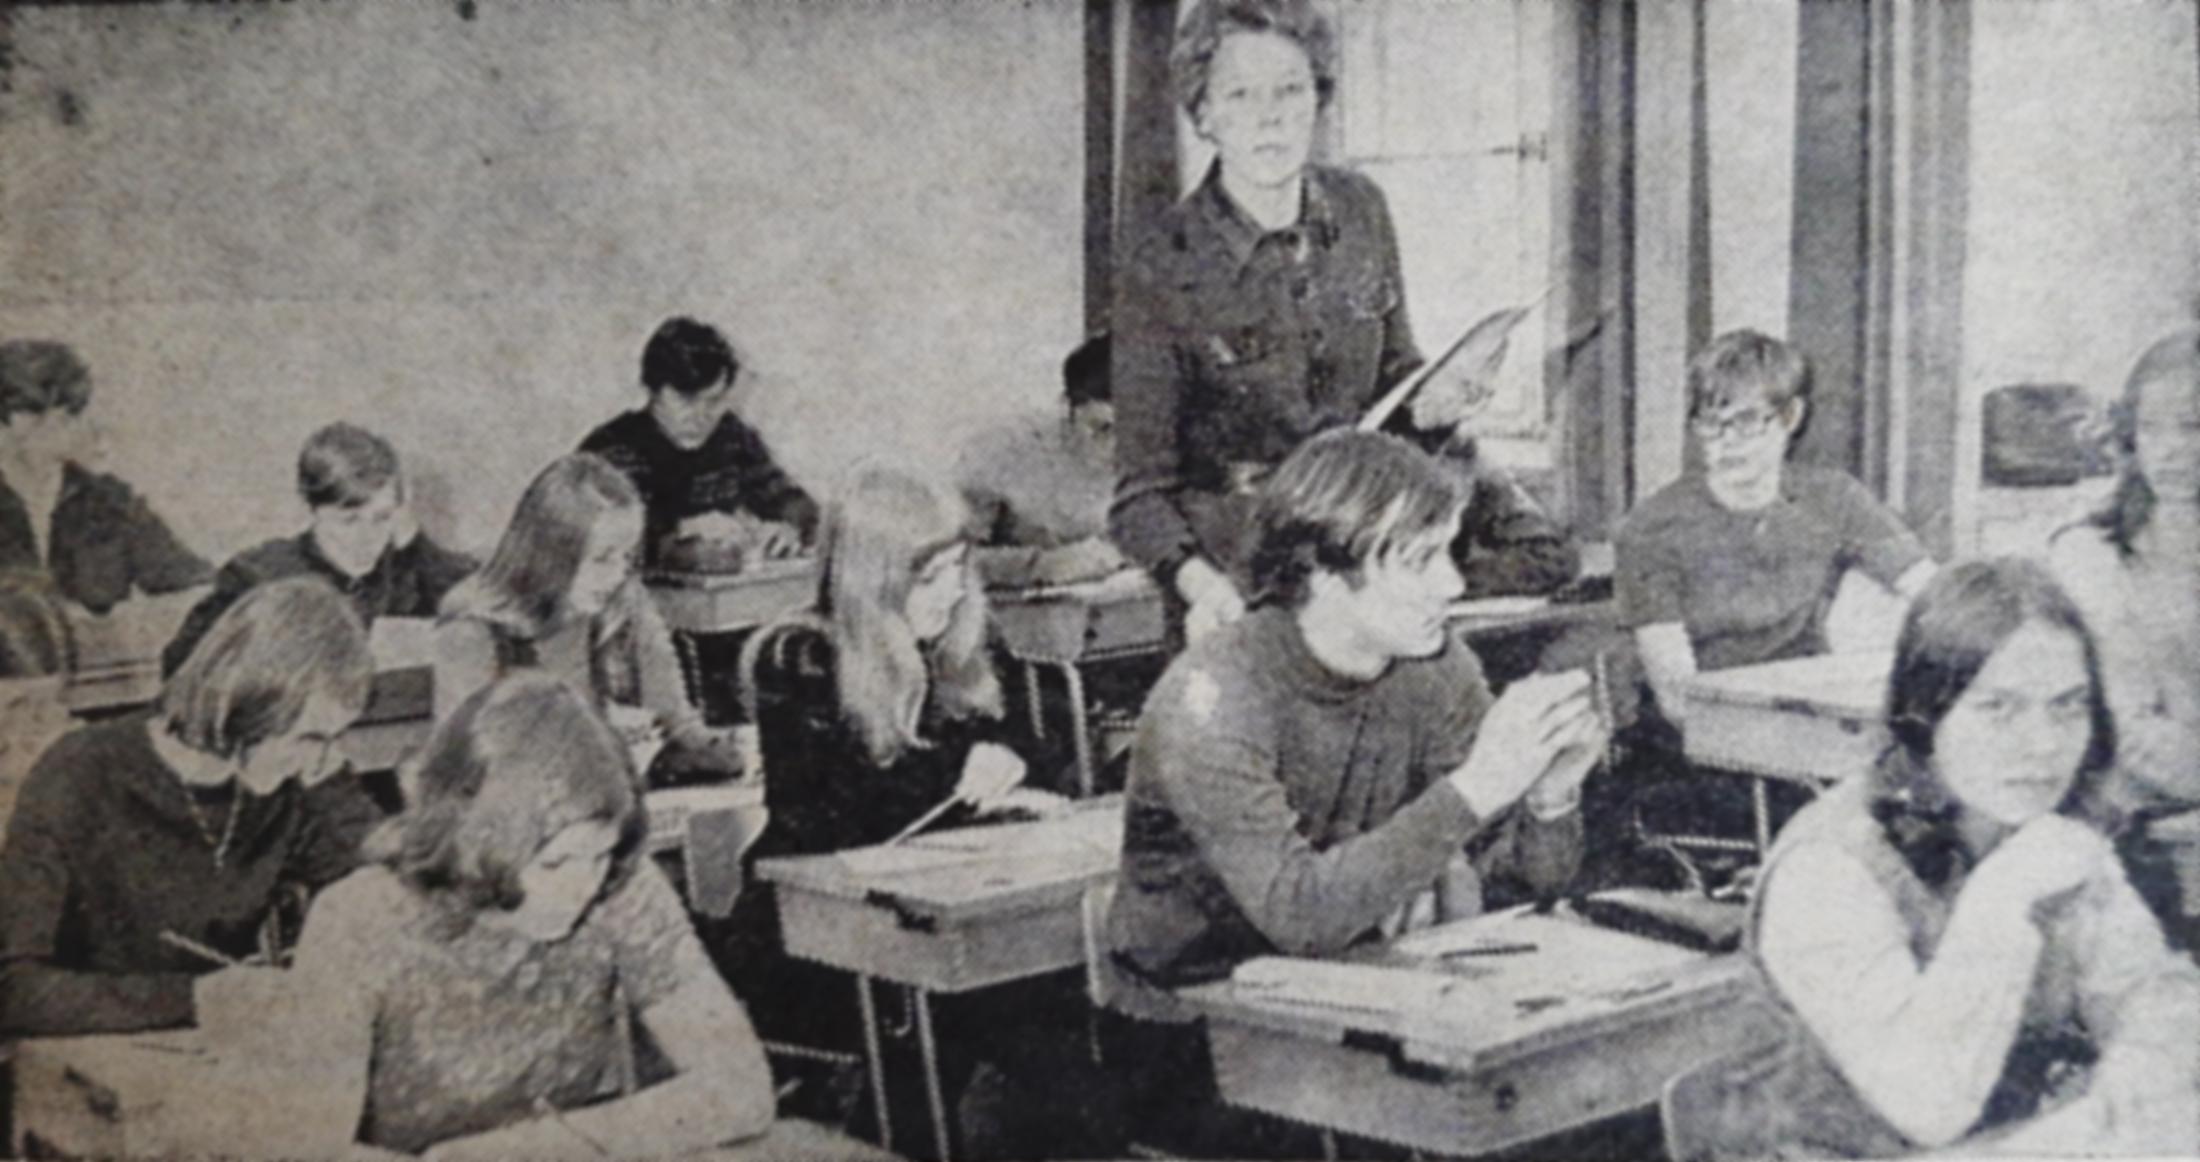 Vanha vuosikerta, matematiikkakilpailu, 50 vuotta sitten